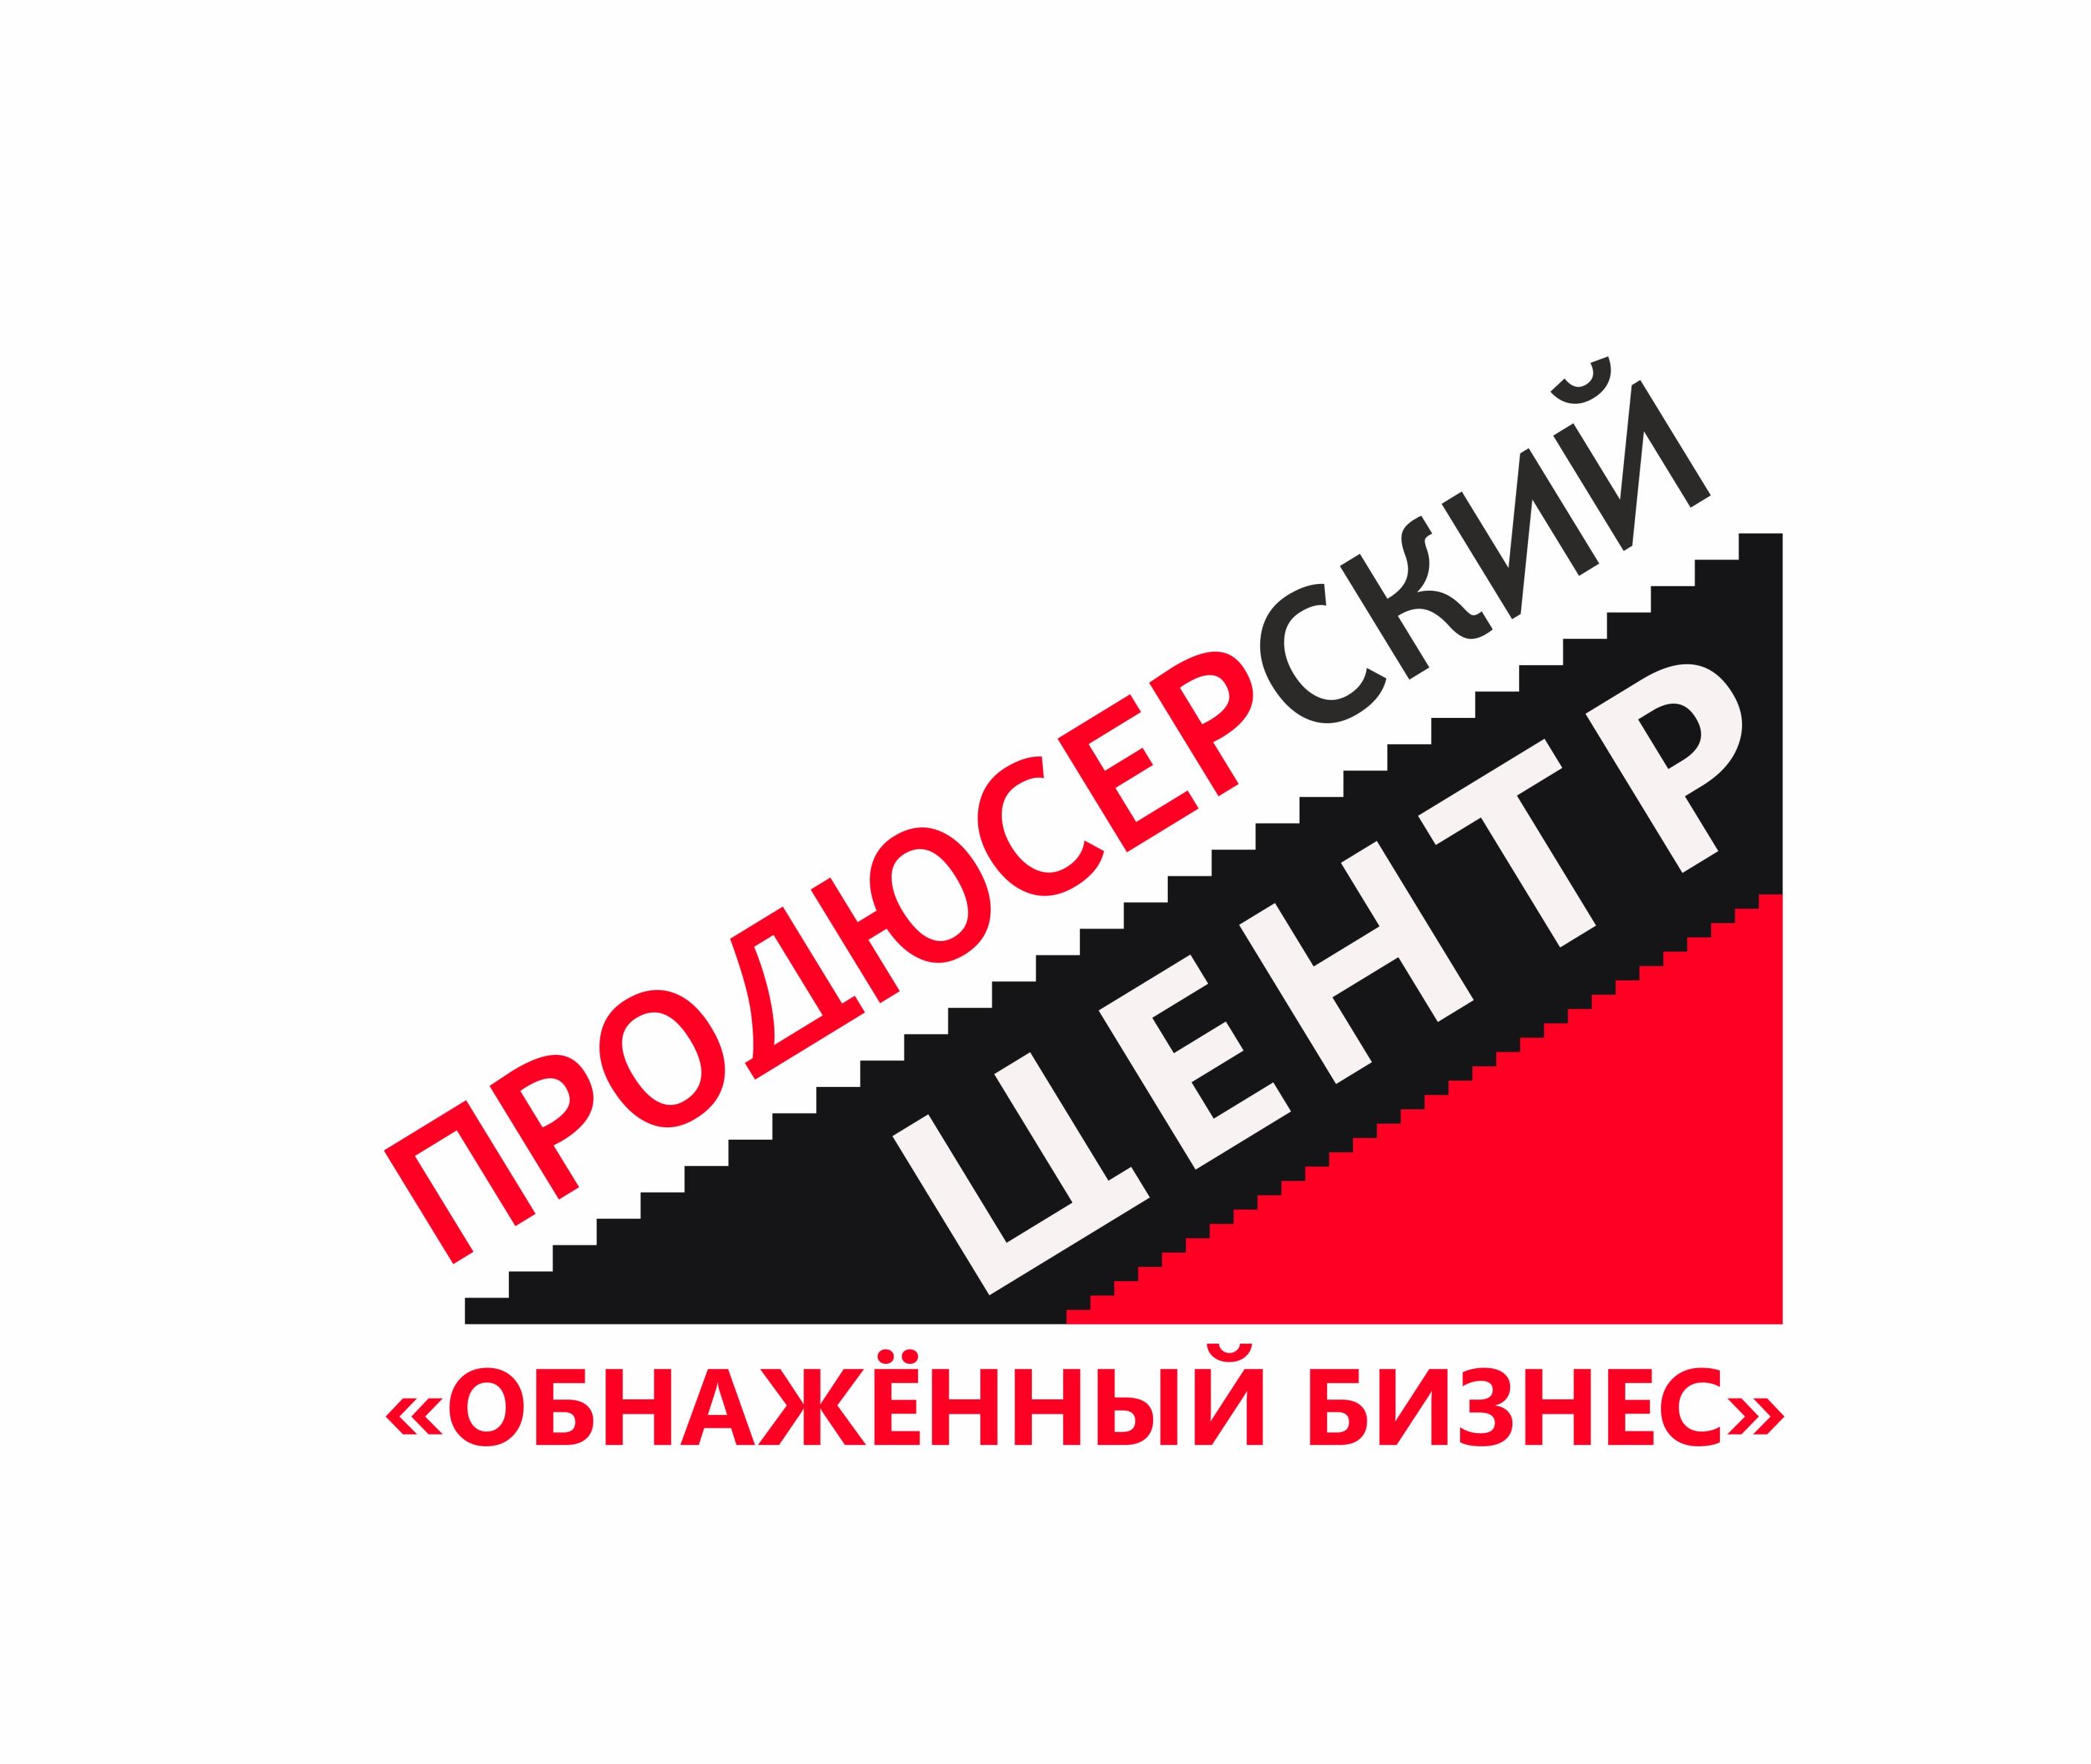 """Логотип для продюсерского центра """"Обнажённый бизнес"""" фото f_8305b9bda89ddd30.jpg"""